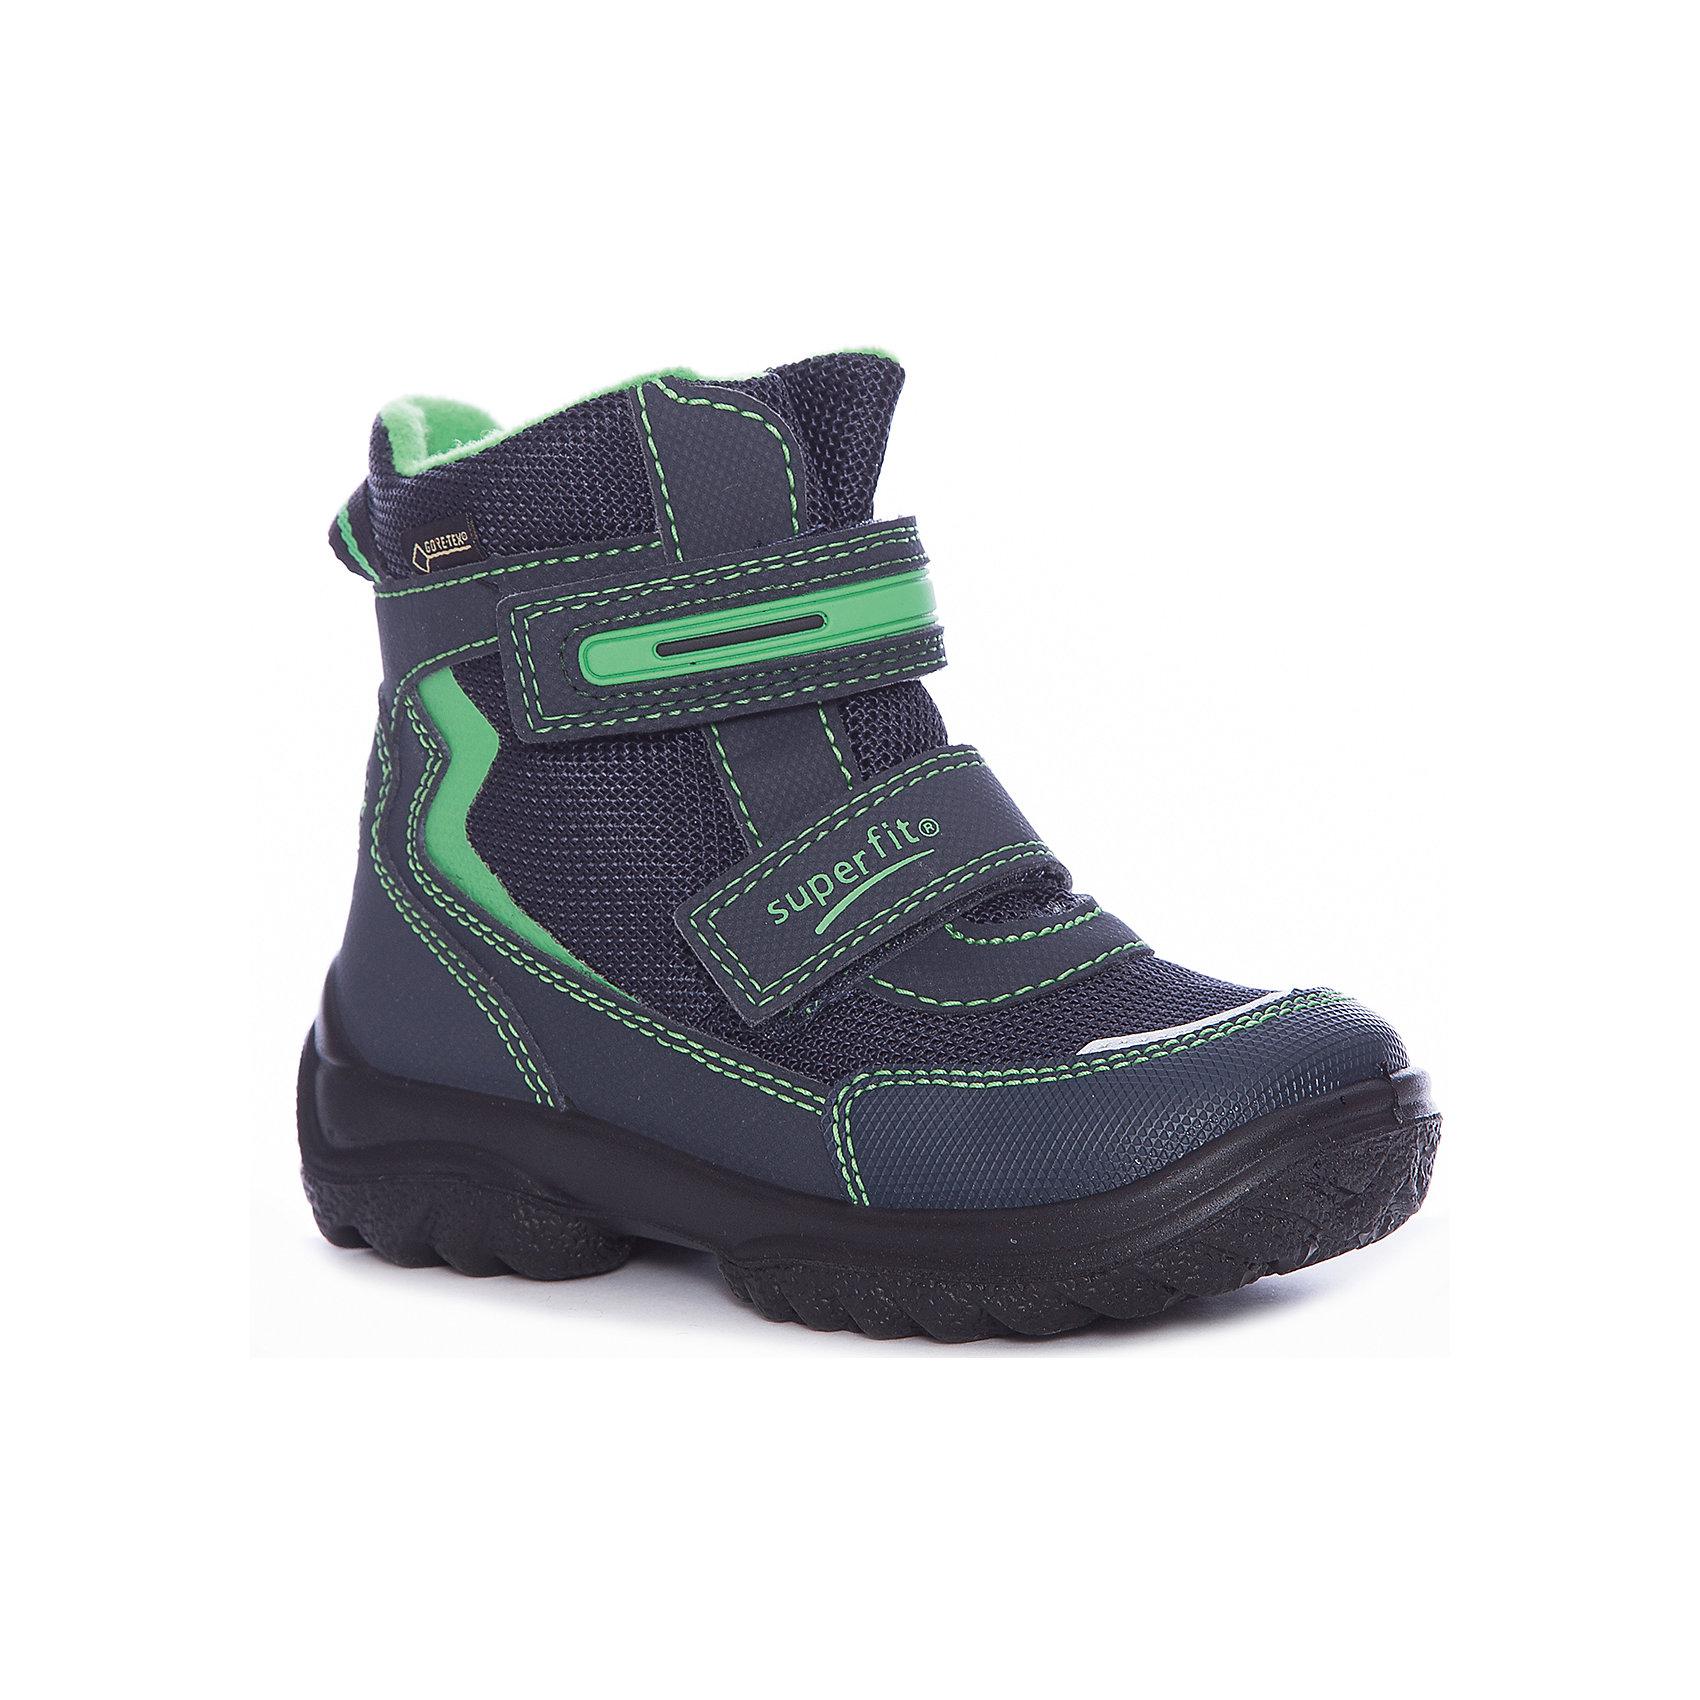 Ботинки Superfit для мальчикаБотинки<br>Характеристики товара:<br><br>• цвет: синий/зеленый<br>• внешний материал: текстиль<br>• внутренний материал: текстиль<br>• стелька: шерсть<br>• подошва: полимер<br>• сезон: зима<br>• мембранные<br>• температурный режим: от +5 до -25<br>• особенности модели: спортивный стиль<br>• застежка: липучка<br>• защита мыса <br>• анатомические <br>• подошва не скользит<br>• страна бренда: Австрия<br>• страна изготовитель: Румыния<br><br>Зимние сапоги с мембраной Gore-Tex имеют устойчивую подошву и удобную застежку. Сапоги для мальчика Superfit легко надеваются и хорошо держатся на ноге благодаря надежной липучке. <br><br>Сапоги для мальчика Superfit (Суперфит) можно купить в нашем интернет-магазине.<br><br>Ширина мм: 257<br>Глубина мм: 180<br>Высота мм: 130<br>Вес г: 420<br>Цвет: синий<br>Возраст от месяцев: 21<br>Возраст до месяцев: 24<br>Пол: Мужской<br>Возраст: Детский<br>Размер: 24,35,25,26,27,28,29,30,31,32,33,34<br>SKU: 7051007